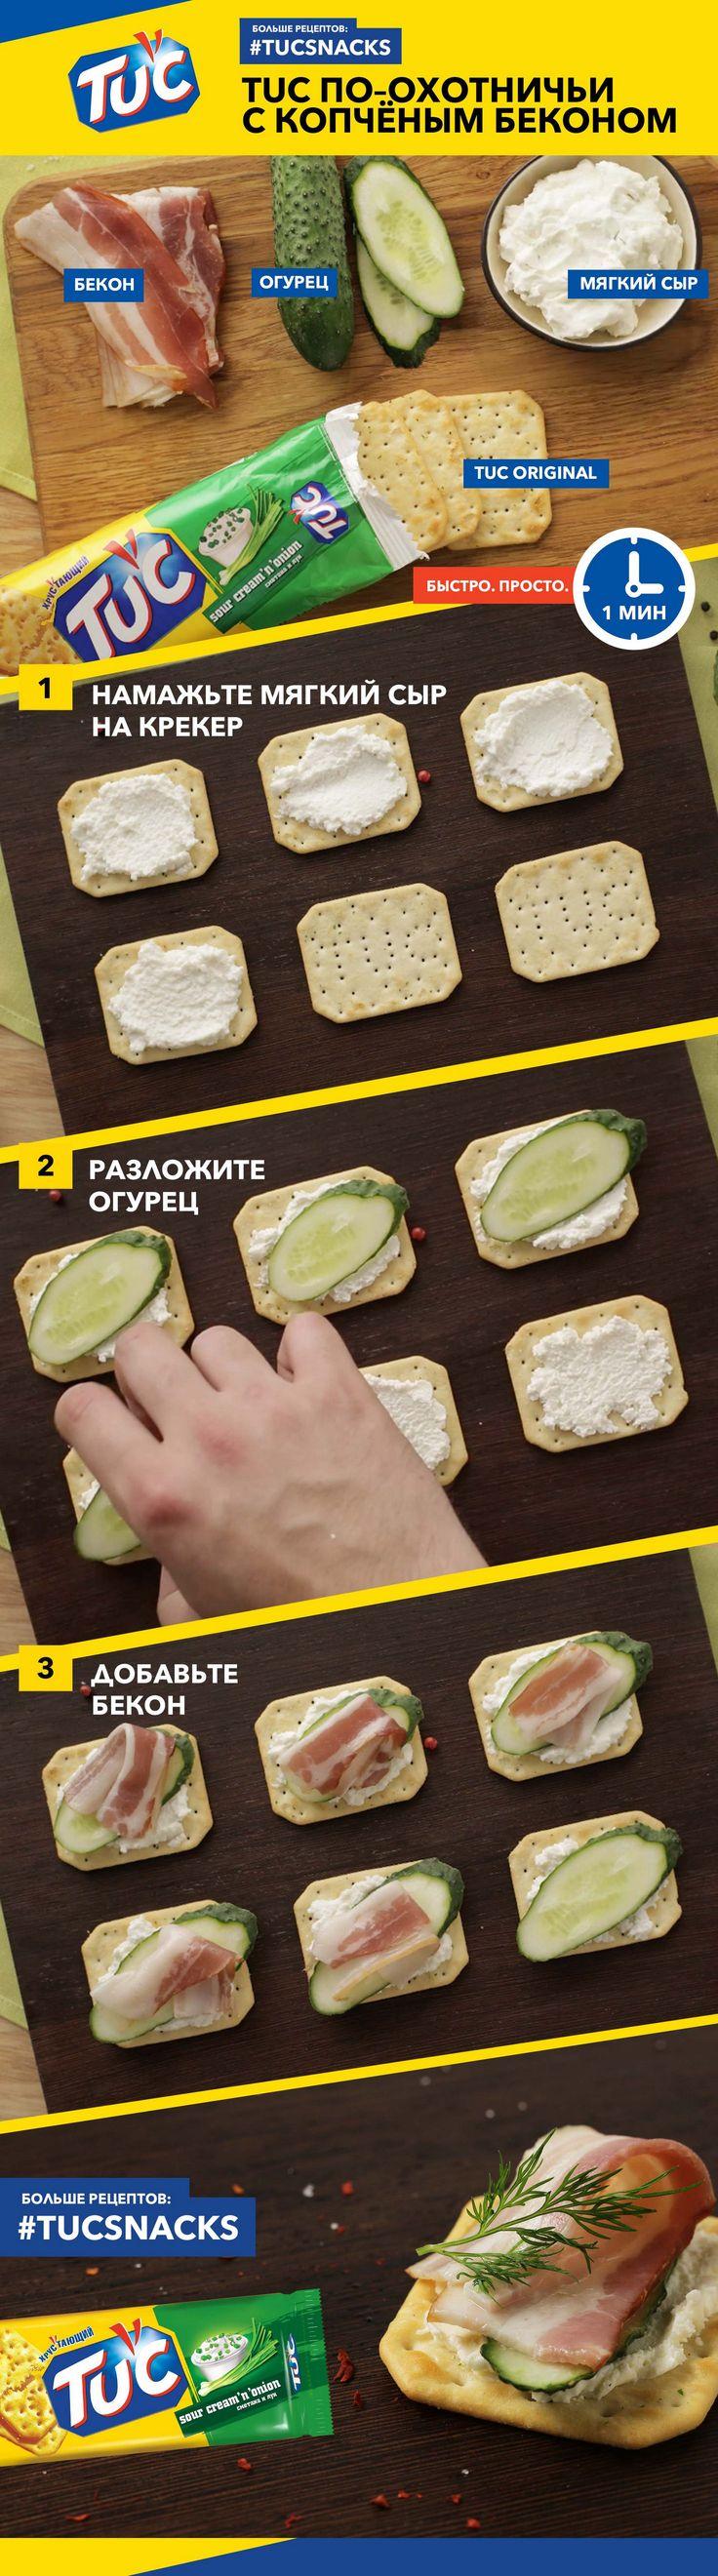 Когда будешь собирать этот рецепт, не забудь надеть свою шляпу с длинным пером. Крекер смажь мягким сыром, сверху положи бекон и ломтик свежего огурца. #tucsnacks